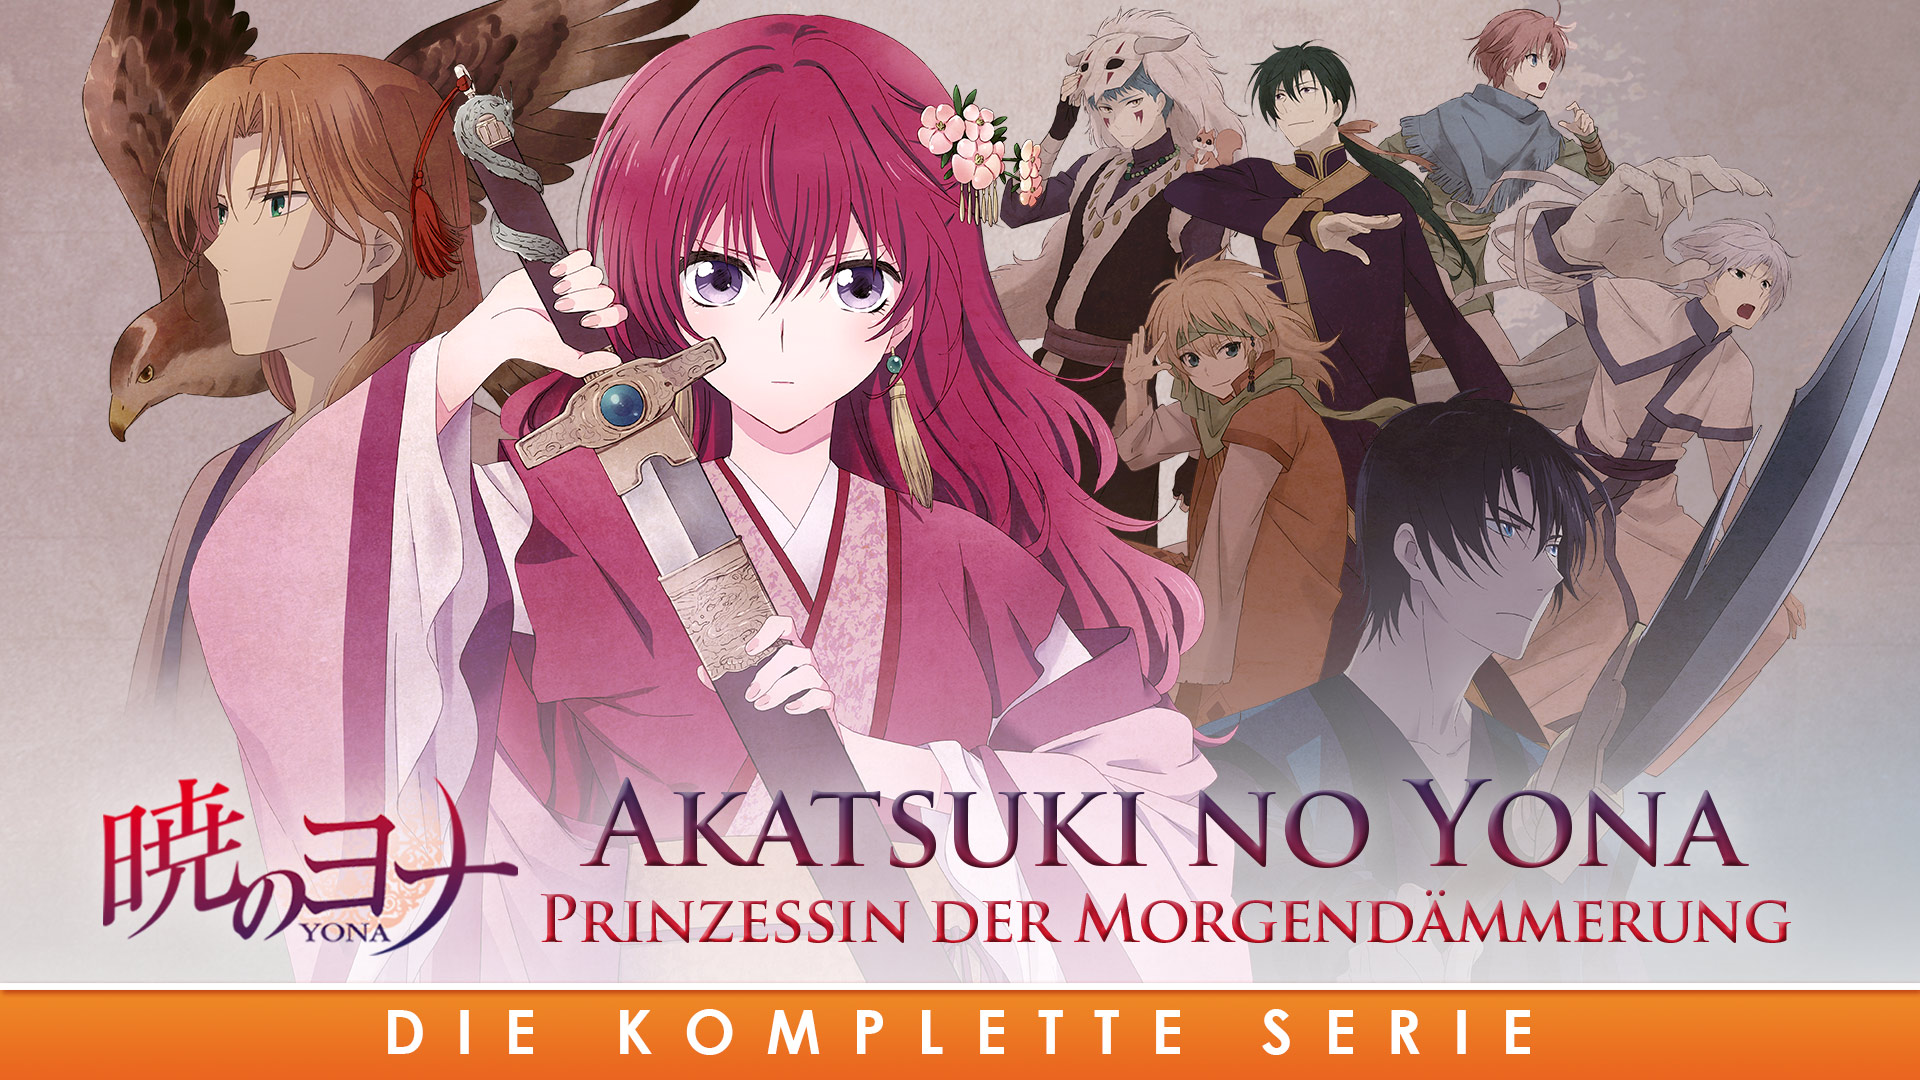 Akatsuki no Yona - Prinzessin der Morgendämmerung - Die komplette Serie